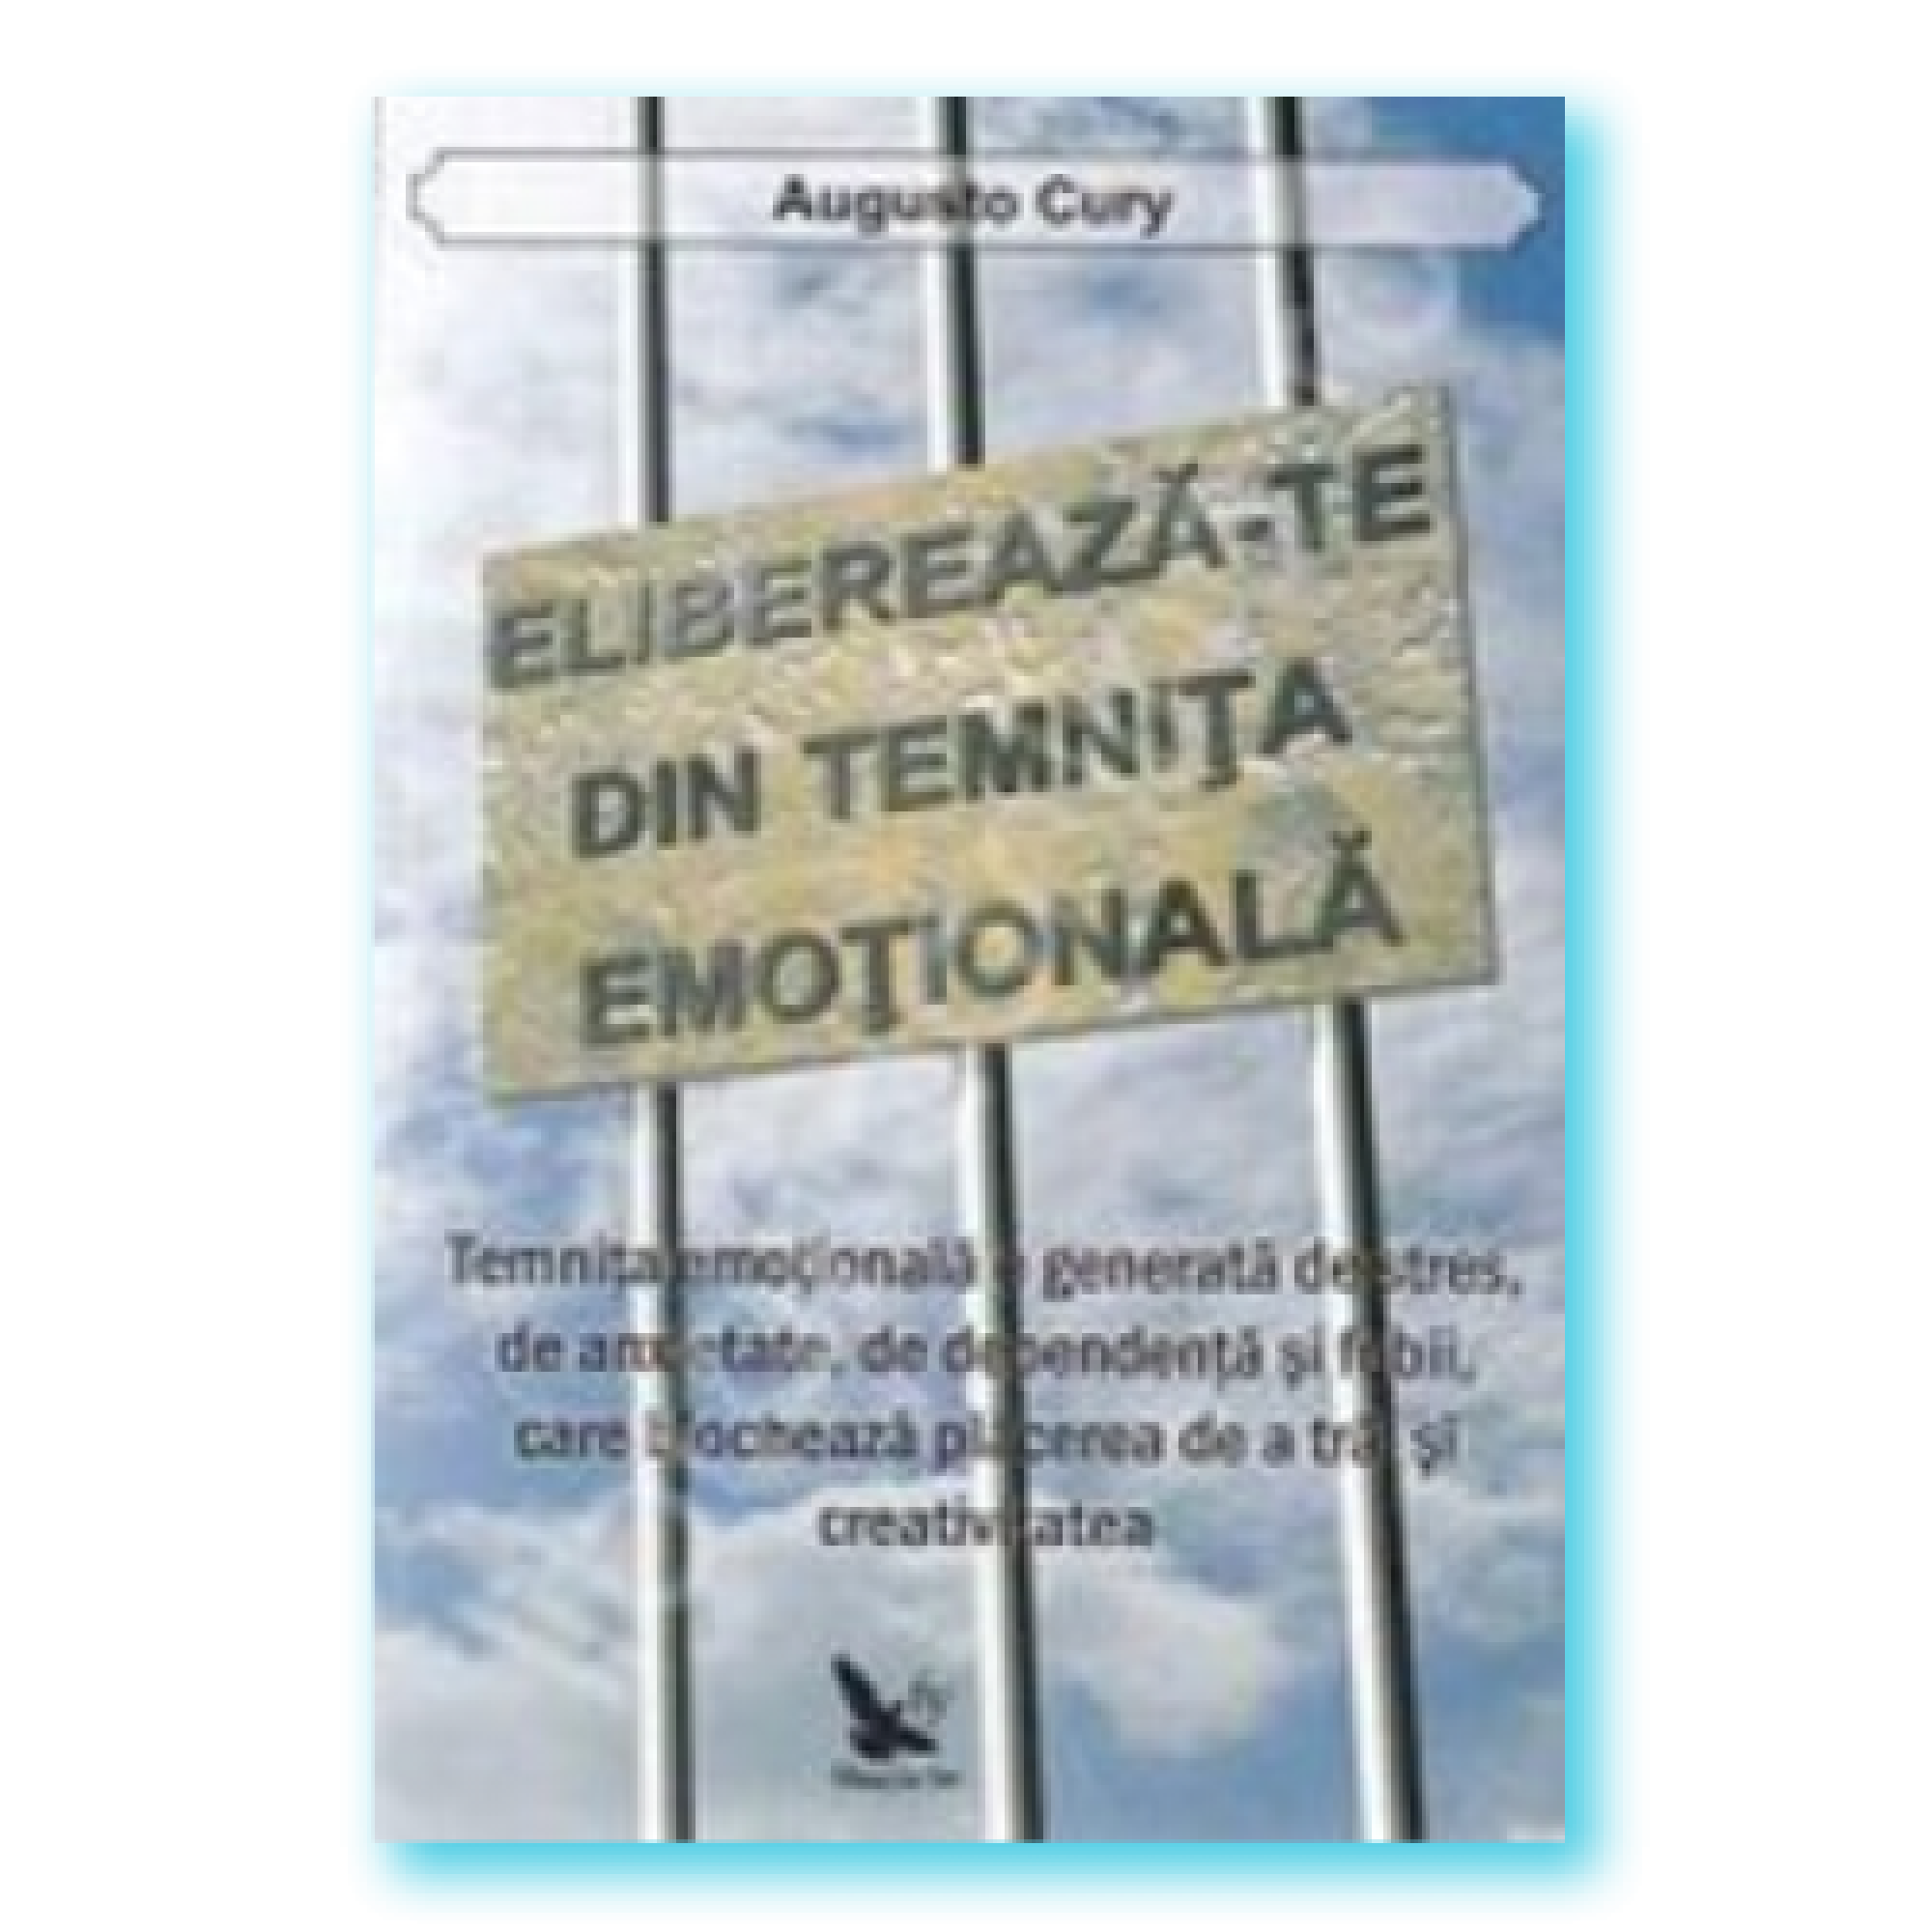 Eliberează-te din temniţa emoţională; Augusto Cury